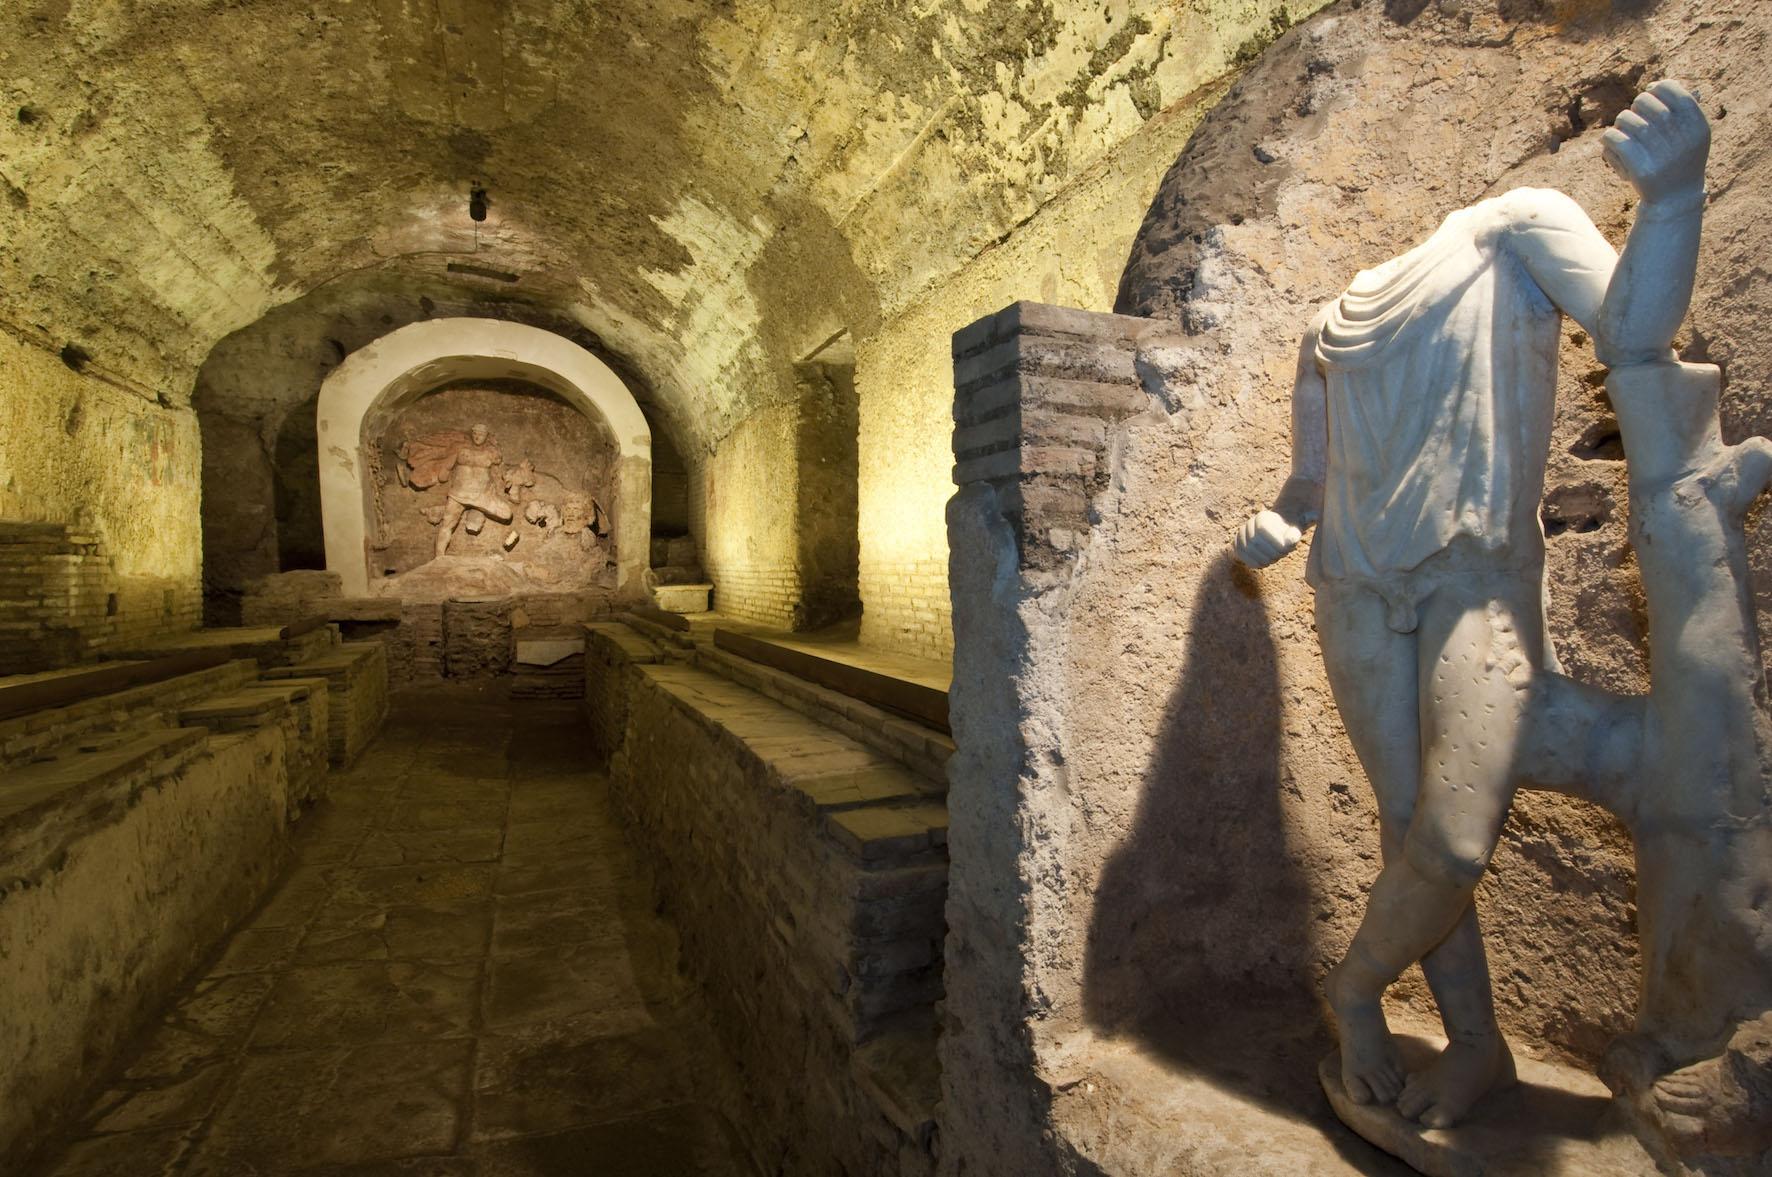 Mitreo di S.Prisca, Archivio Sopr. Romano D'Agostino. Open House Roma